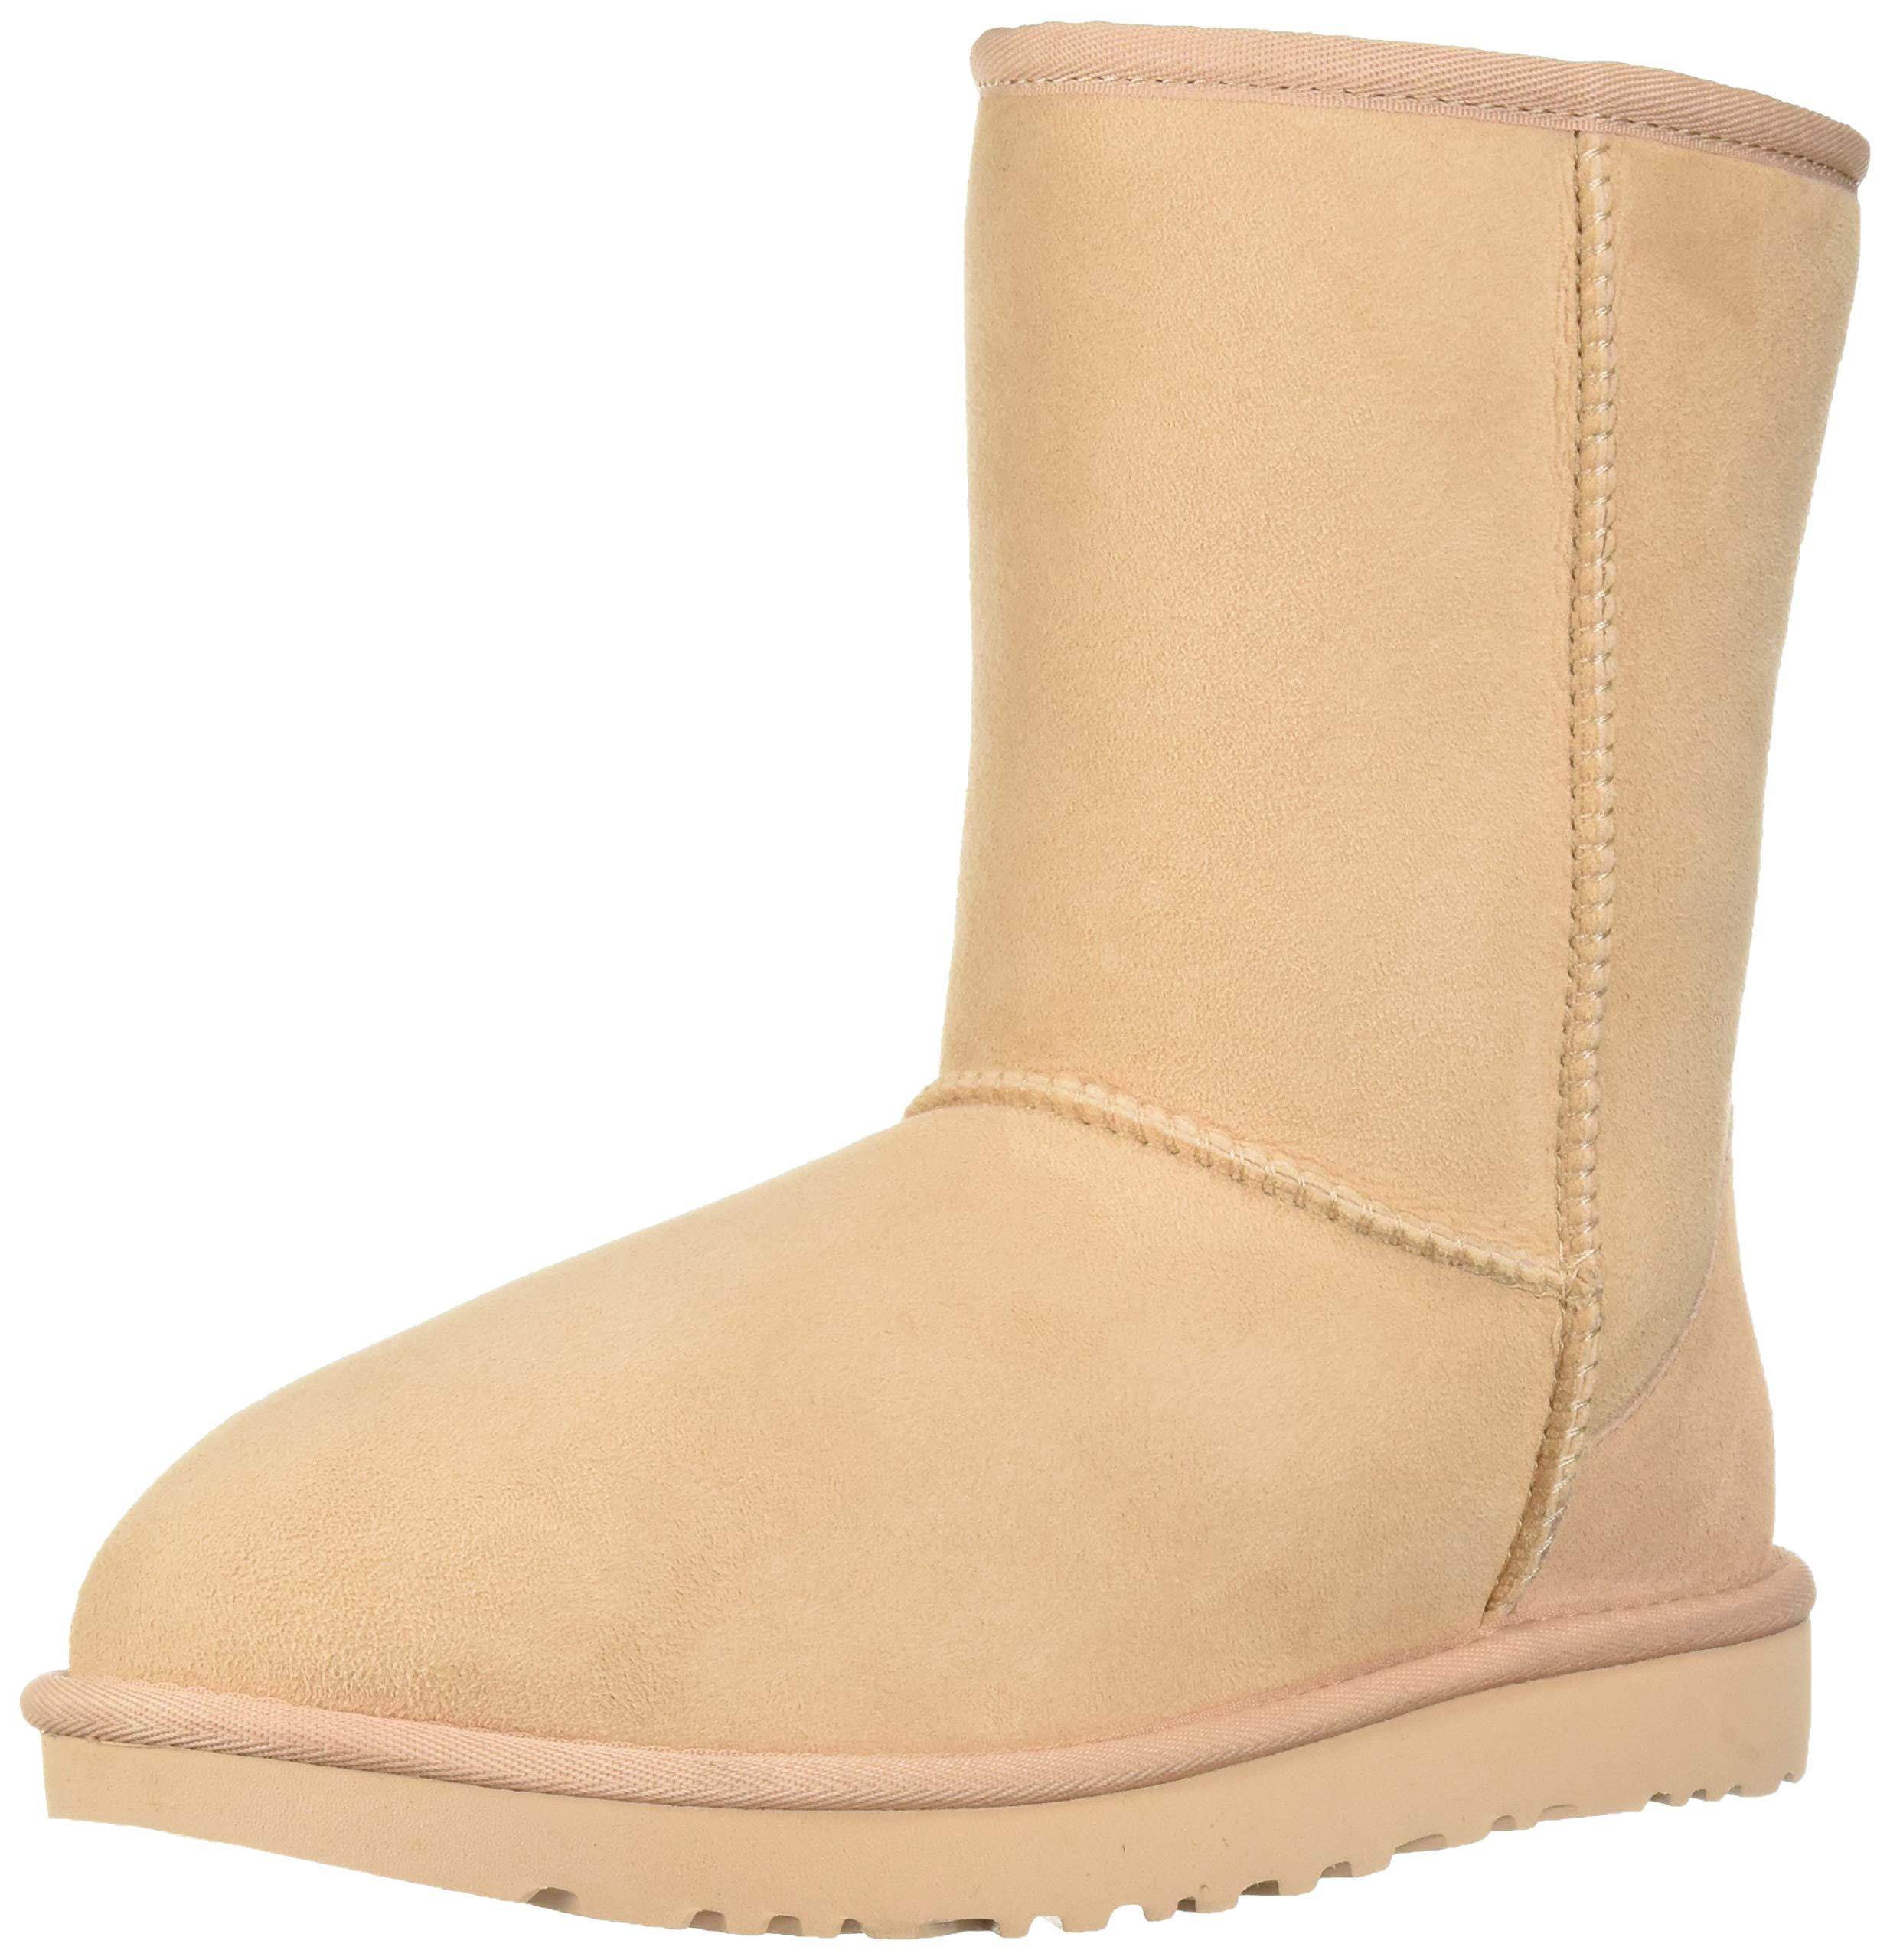 pink ugg boots amazon co uk rh amazon co uk